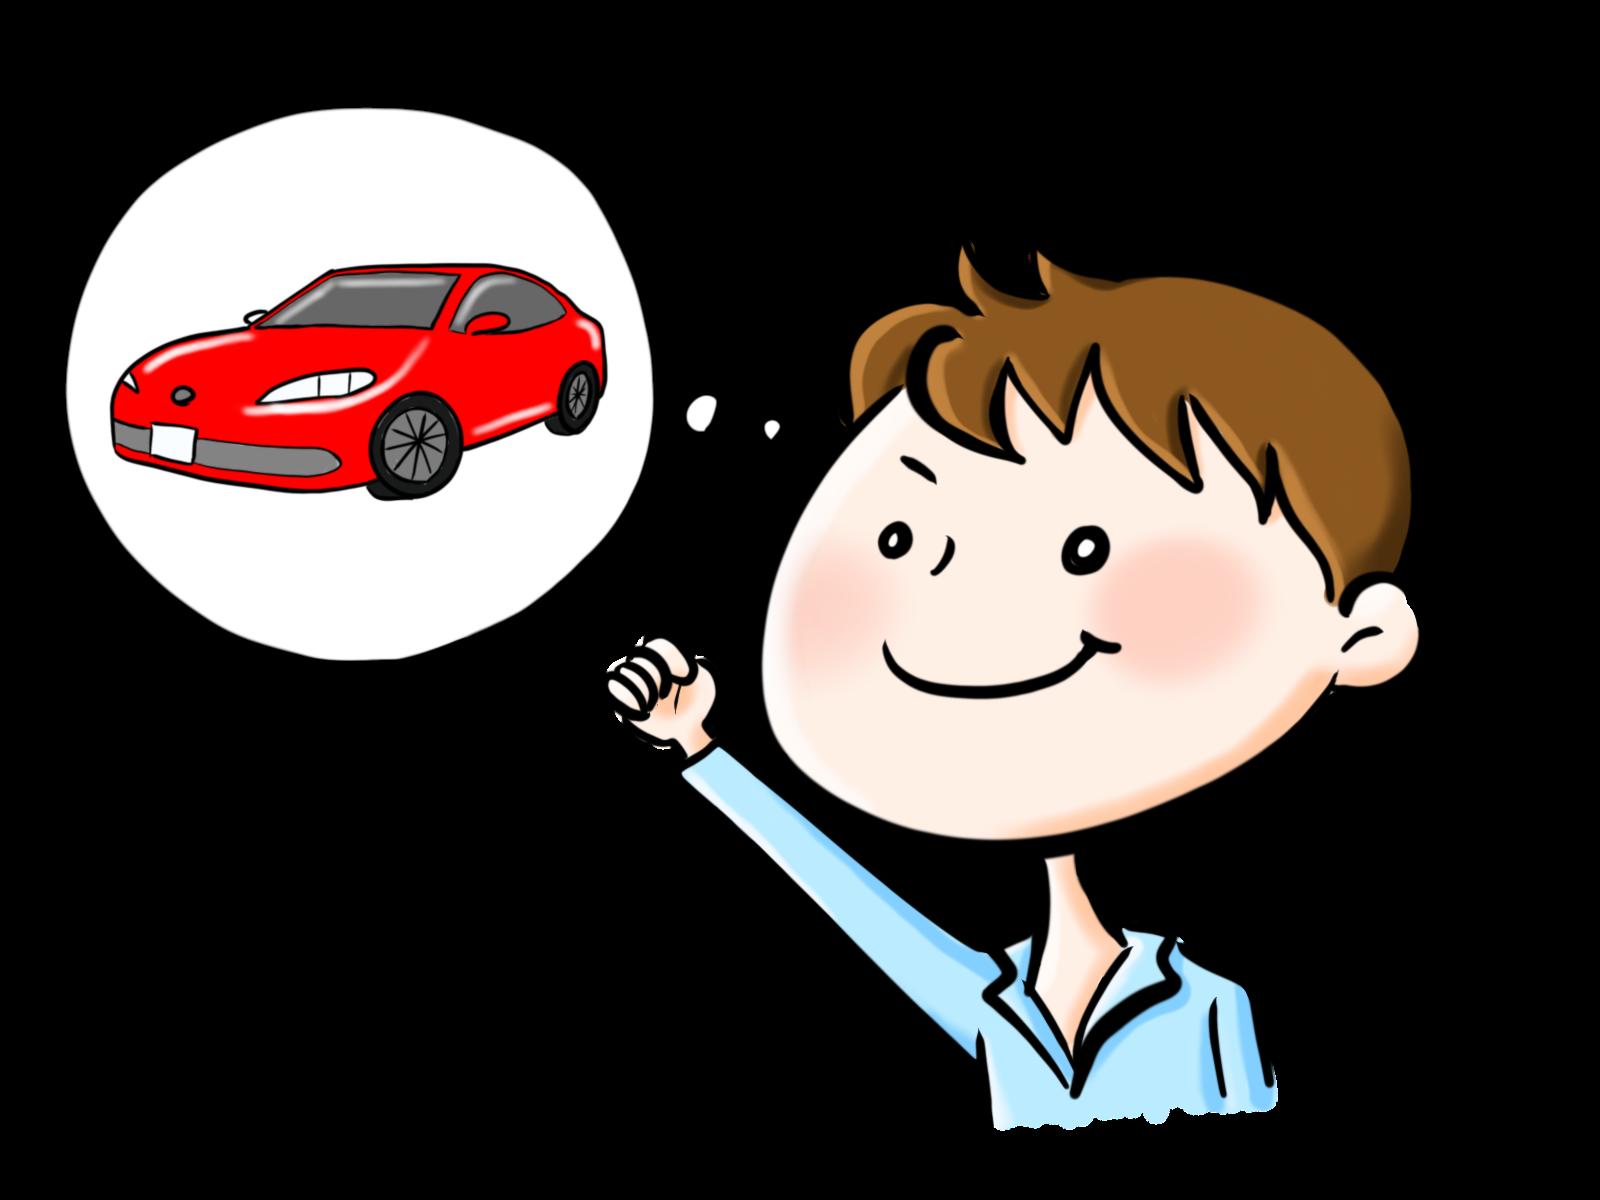 激安中古車は購入して大丈夫なのか?